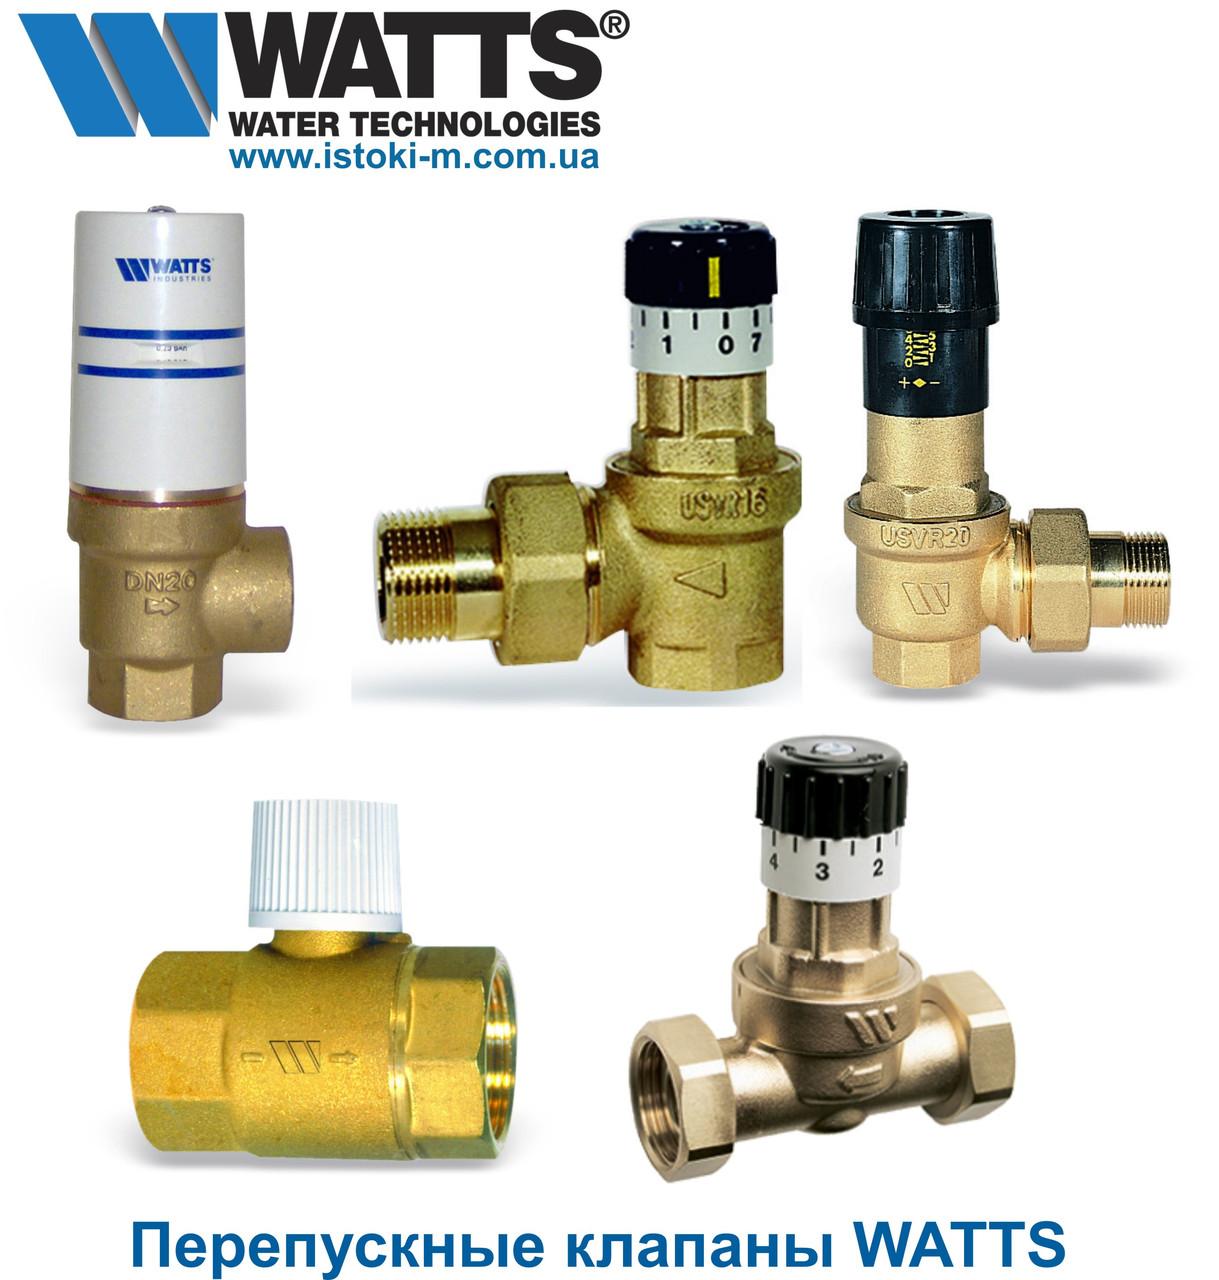 Купить перепускной клапан для системы отопления WATTS USVR запорожье